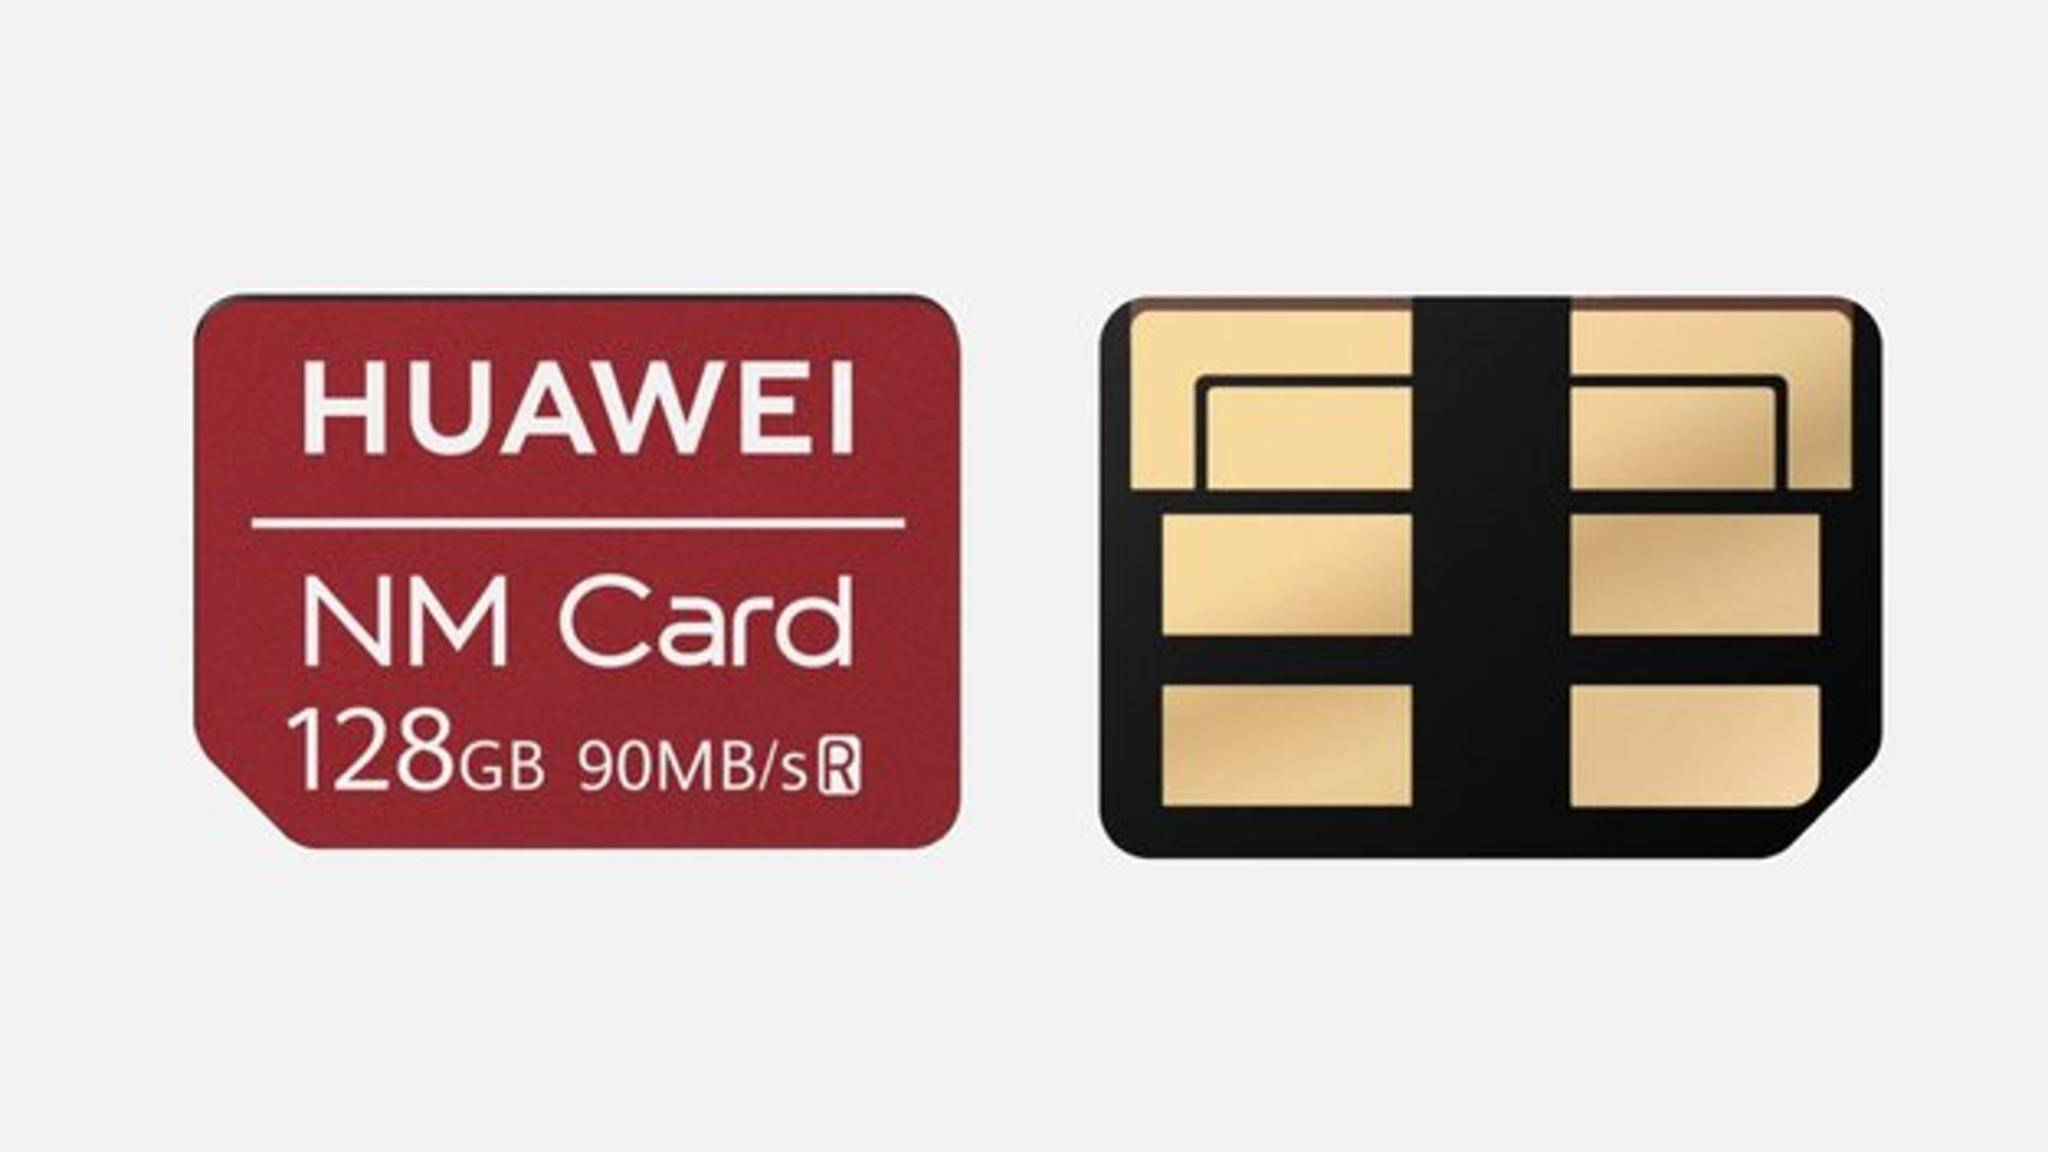 sd karte kaufen Nano SD Karte: Das steckt hinter der neuen Memory Card von Huawei